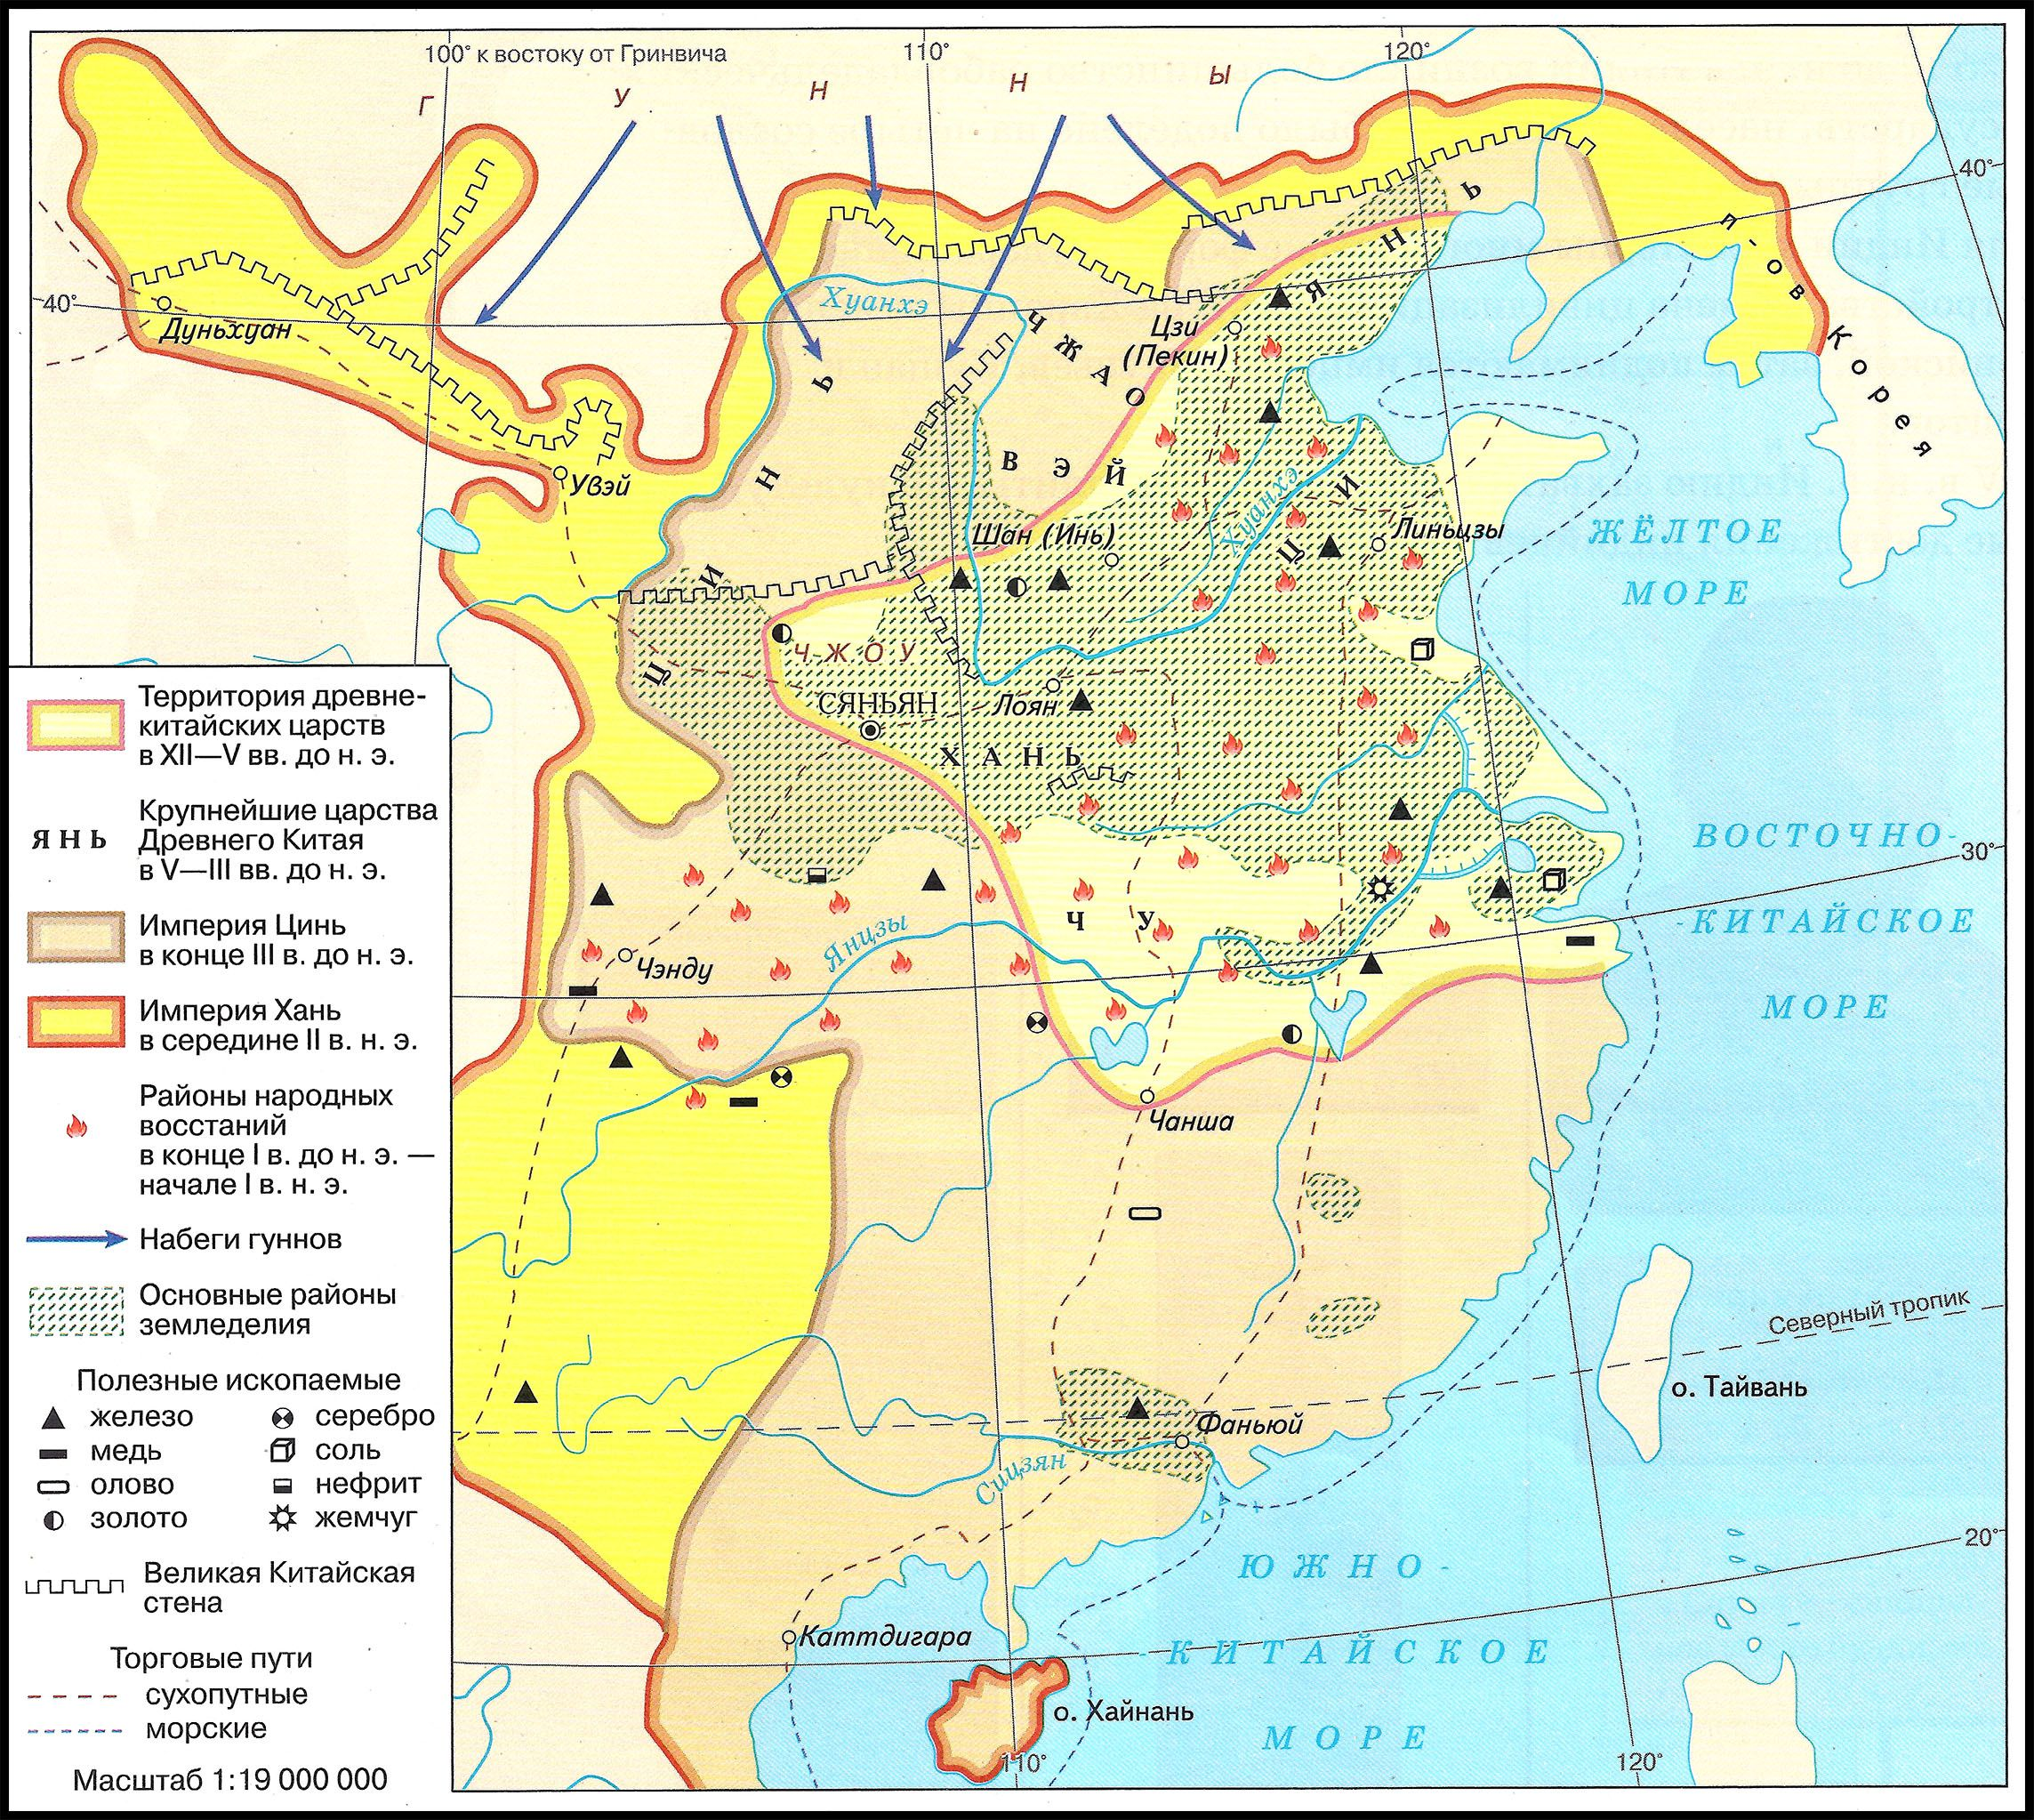 Древний Китай, 1100 г. до н.э. - 220 г. н.э.